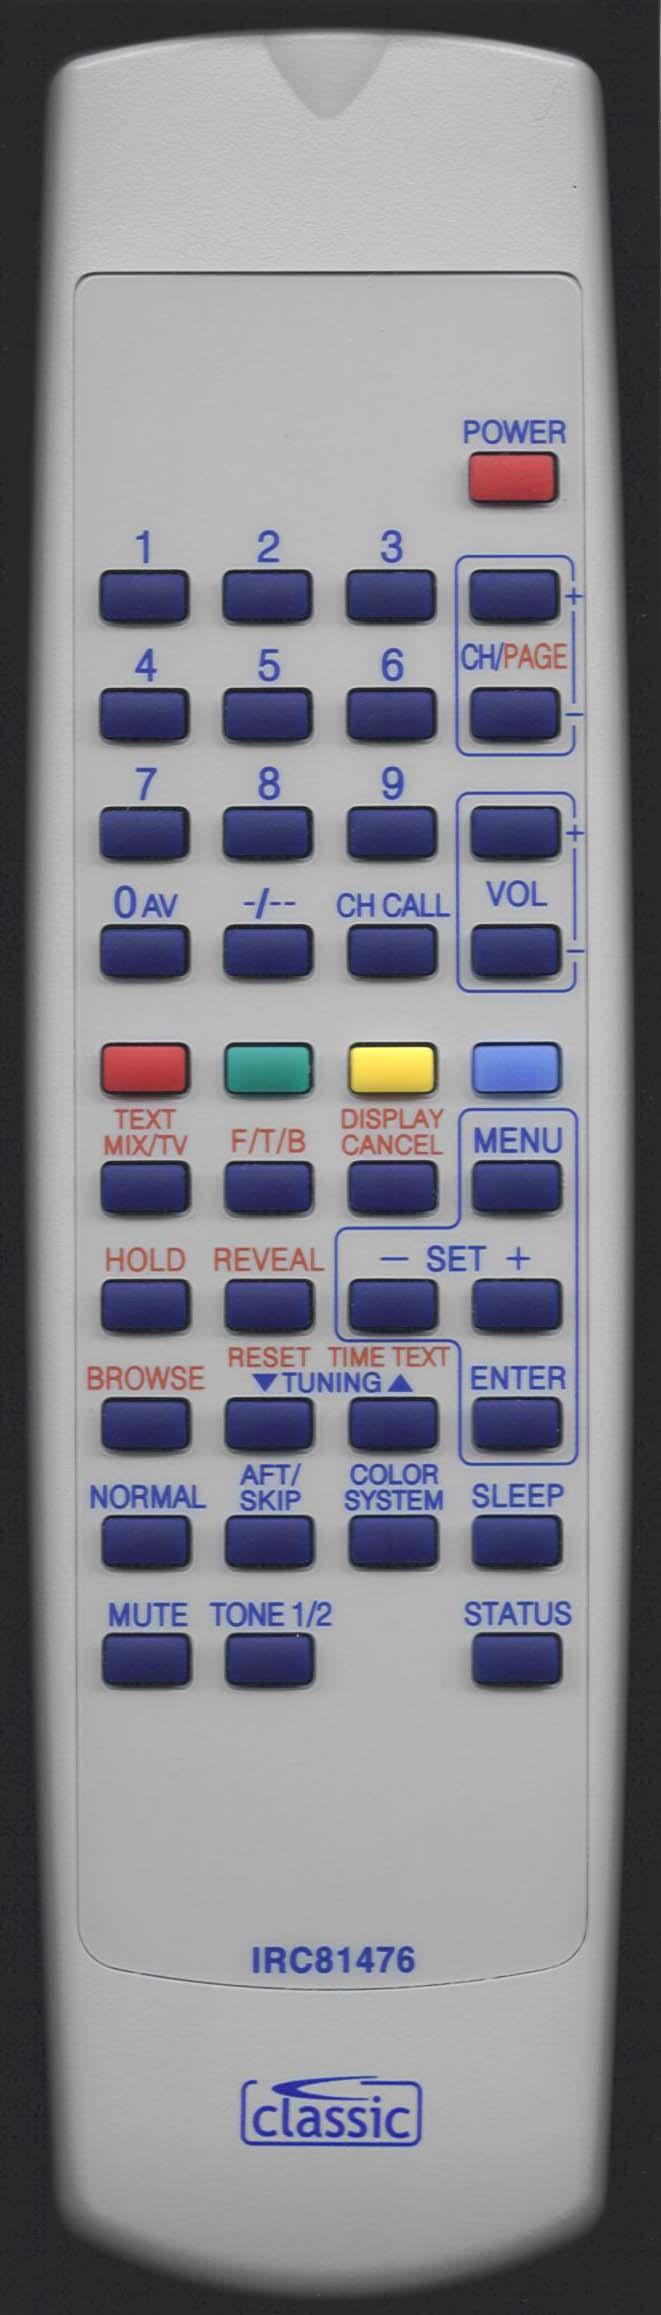 MATSUI 1407 S Remote Control